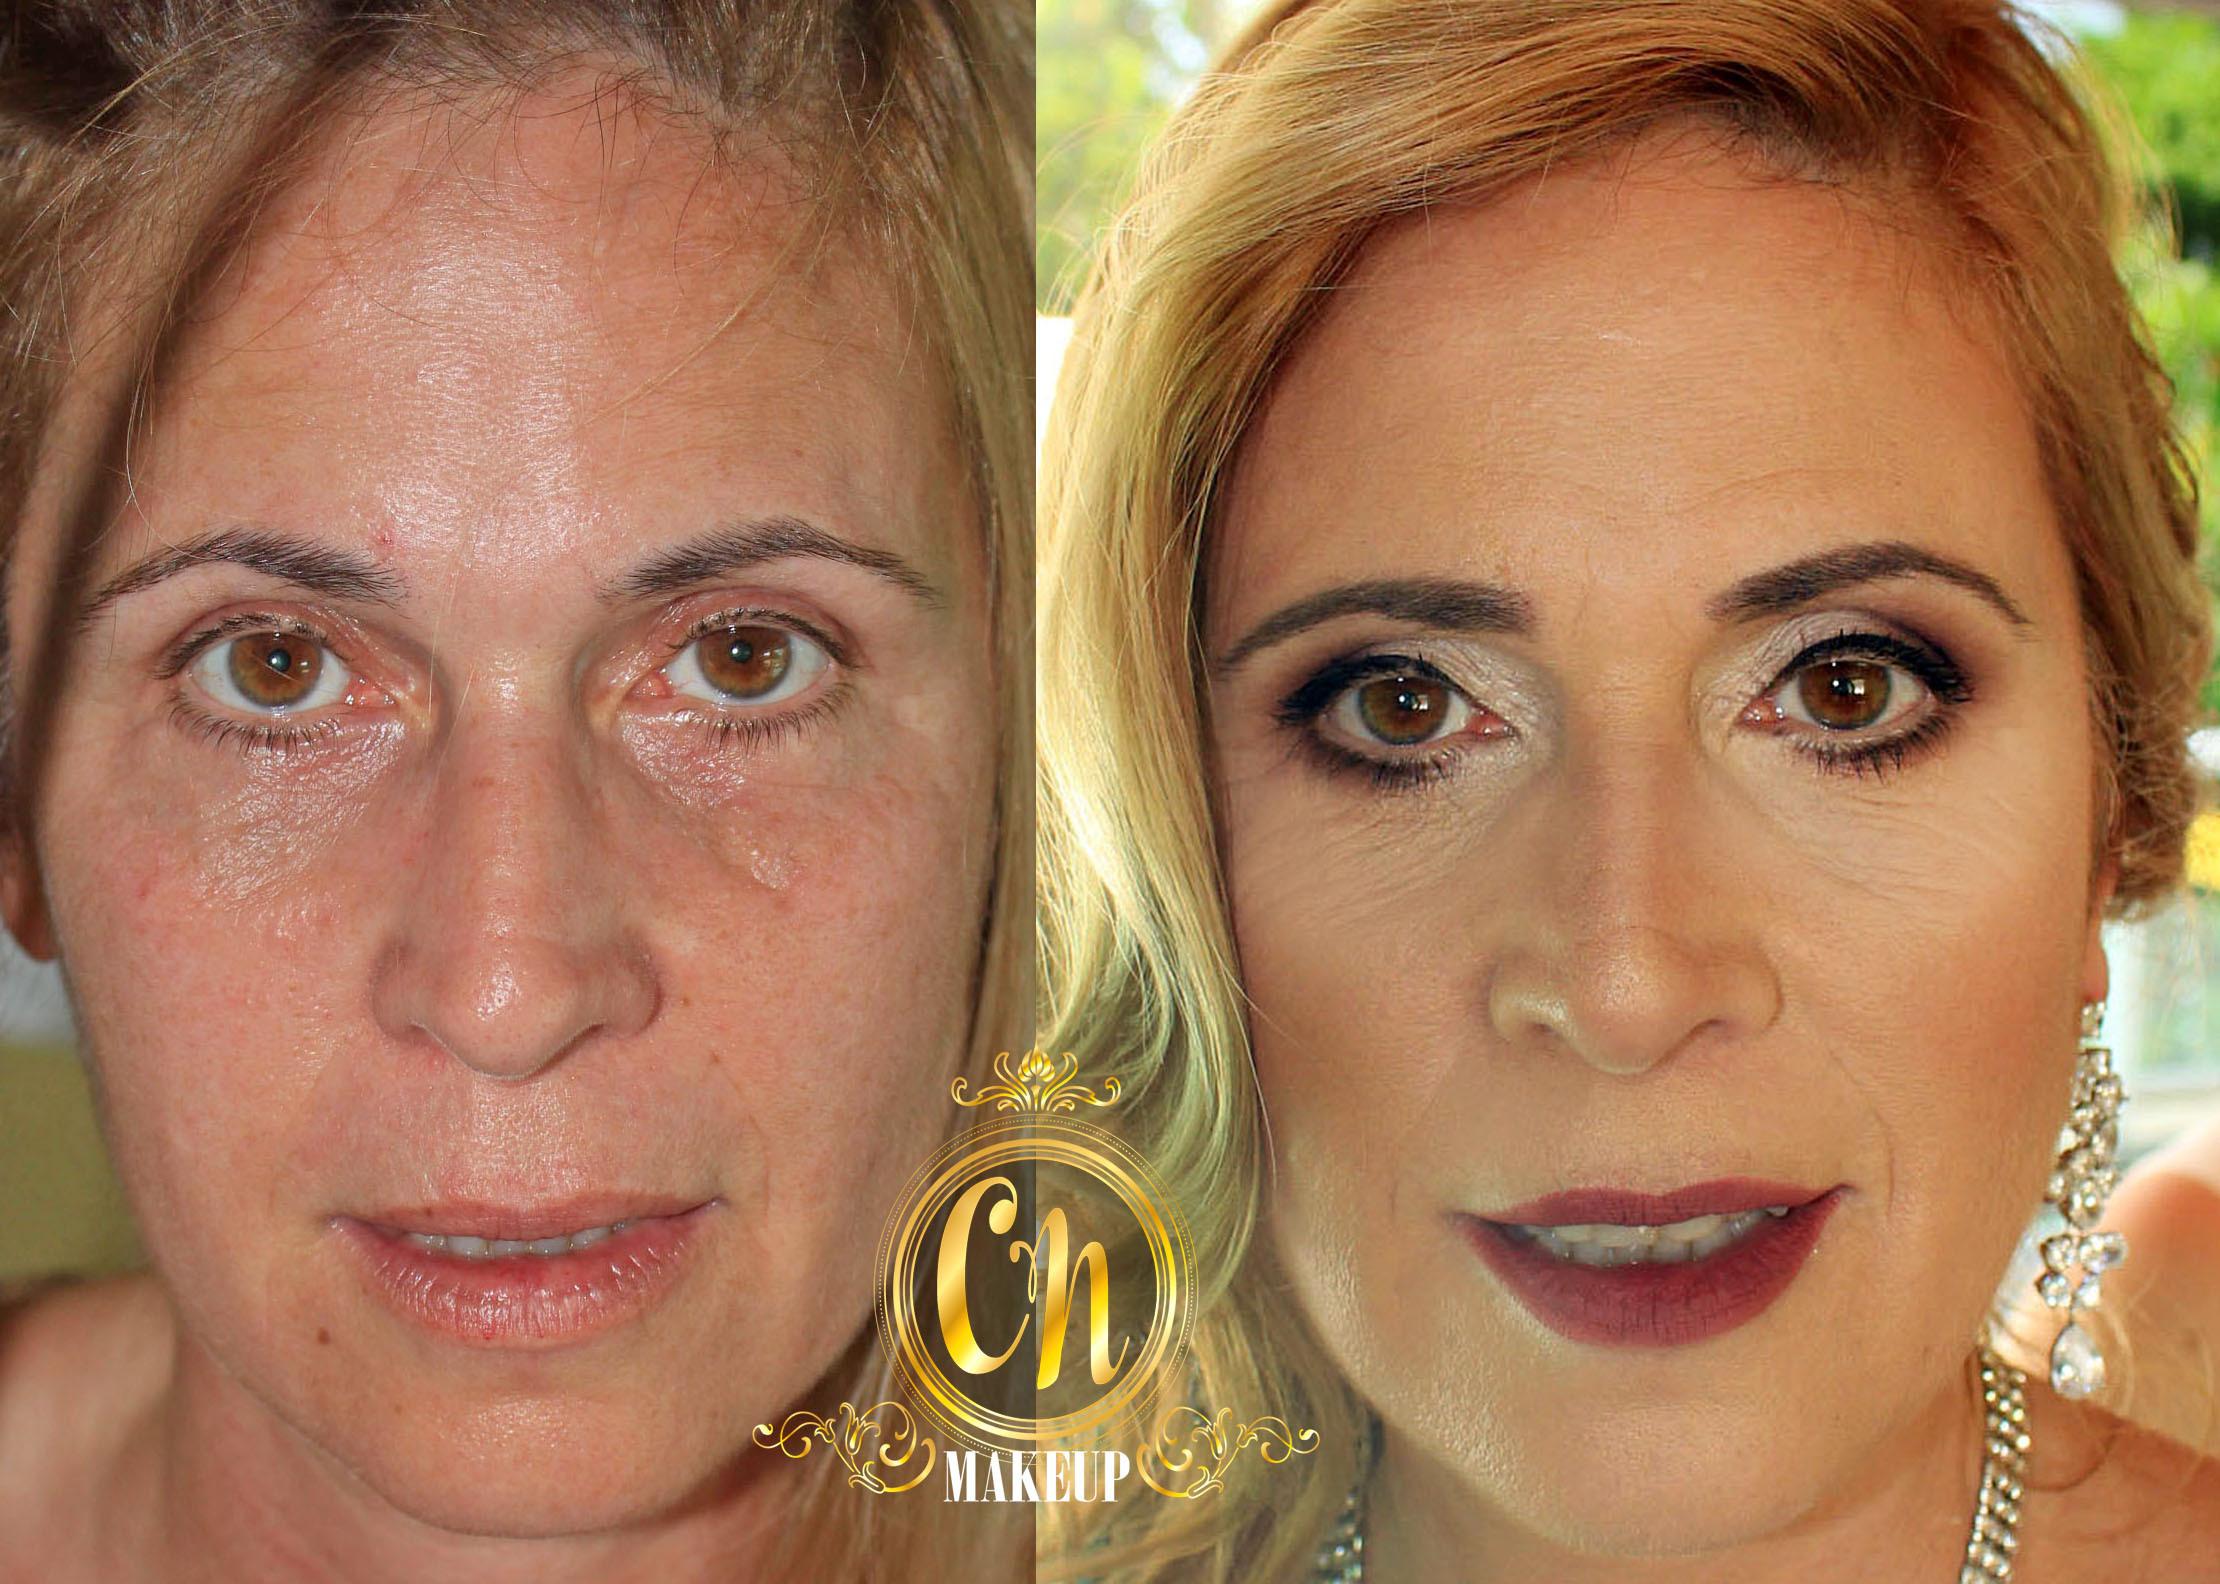 Antes & depois ♥ maquiagem esconde os defeitinhos e realça a beleza !  . #maquiagem #maquiagempro #maquiagemubatuba #maquiagemcasamento #pelemadura #maquiagempelemadura #antesedepois #producao #madrinha #maquiagemmadrinha #maquiadoraubatuba #portfolio #mua #makeuptransformation #beforeafter maquiagem maquiador(a)